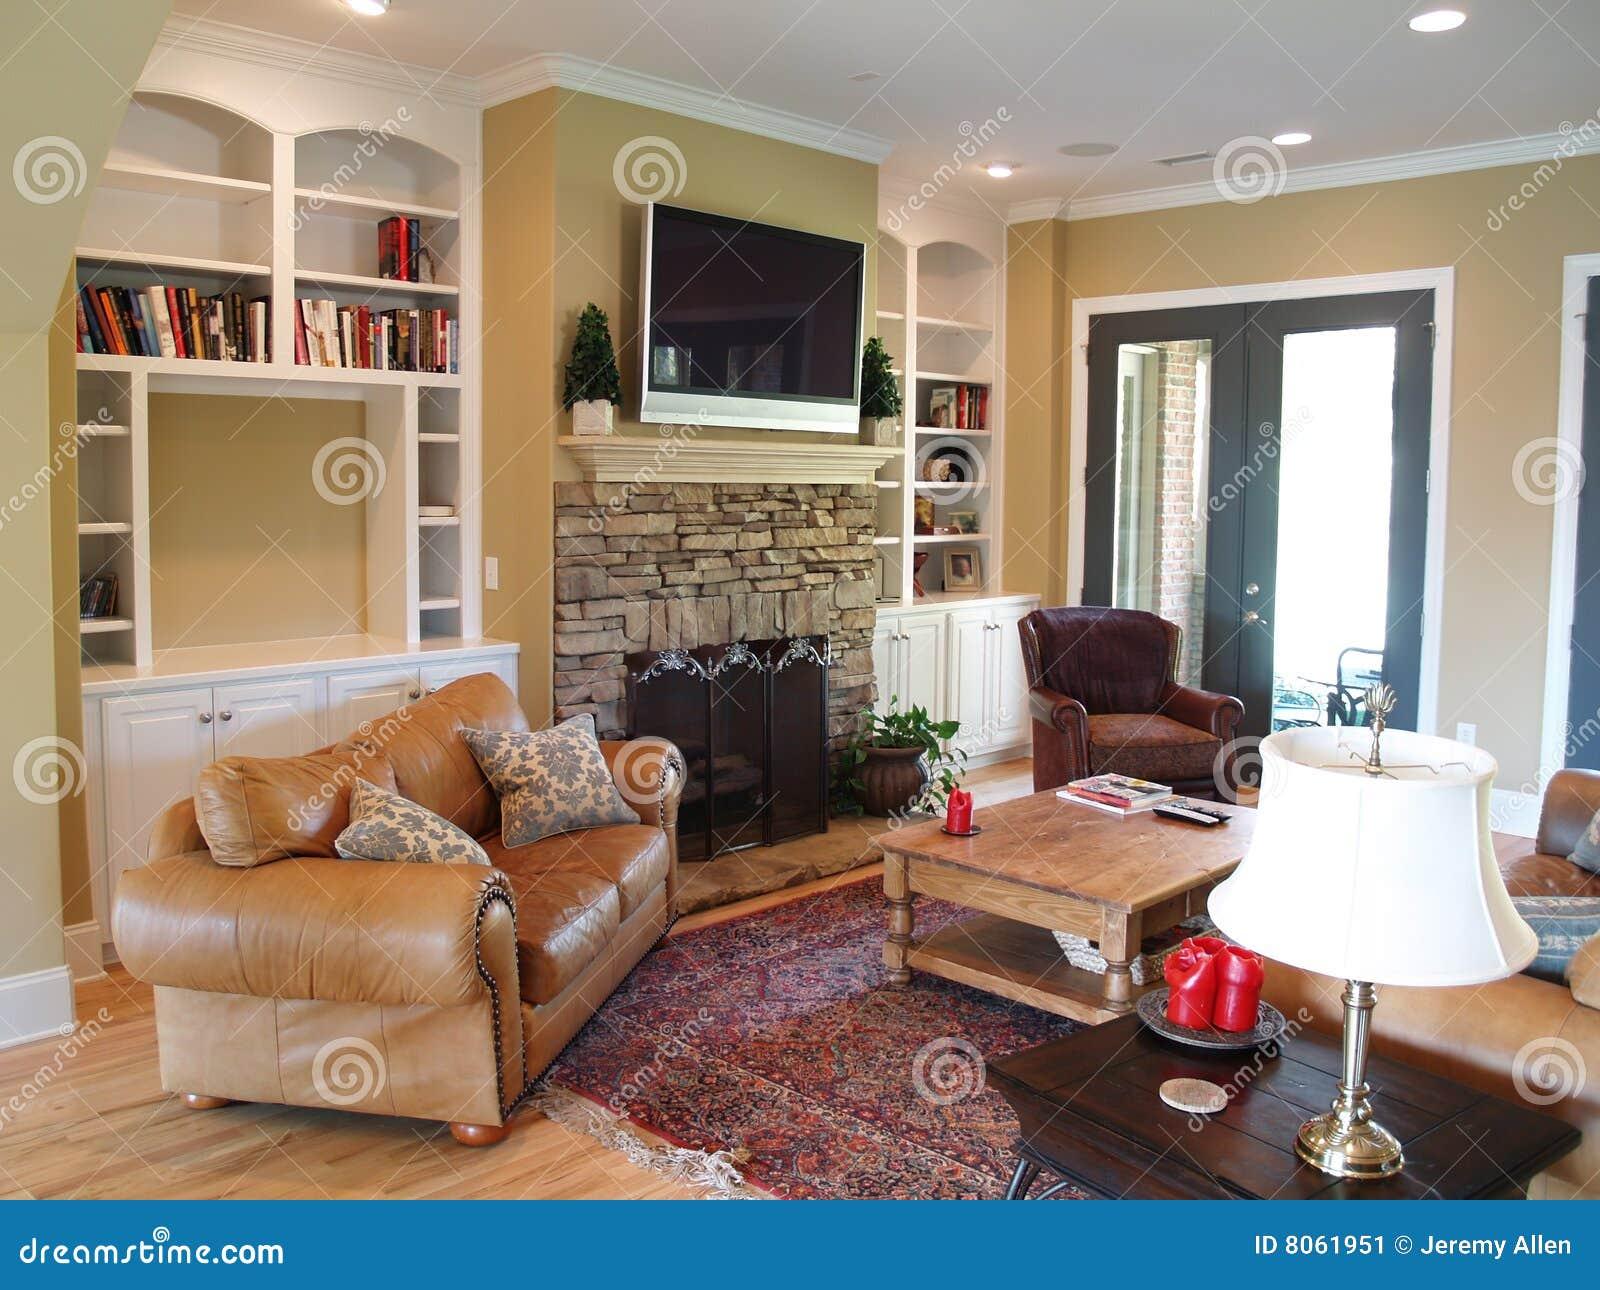 Pantalla plana tv en el cuarto de familia imagen de - Tv en habitacion ...